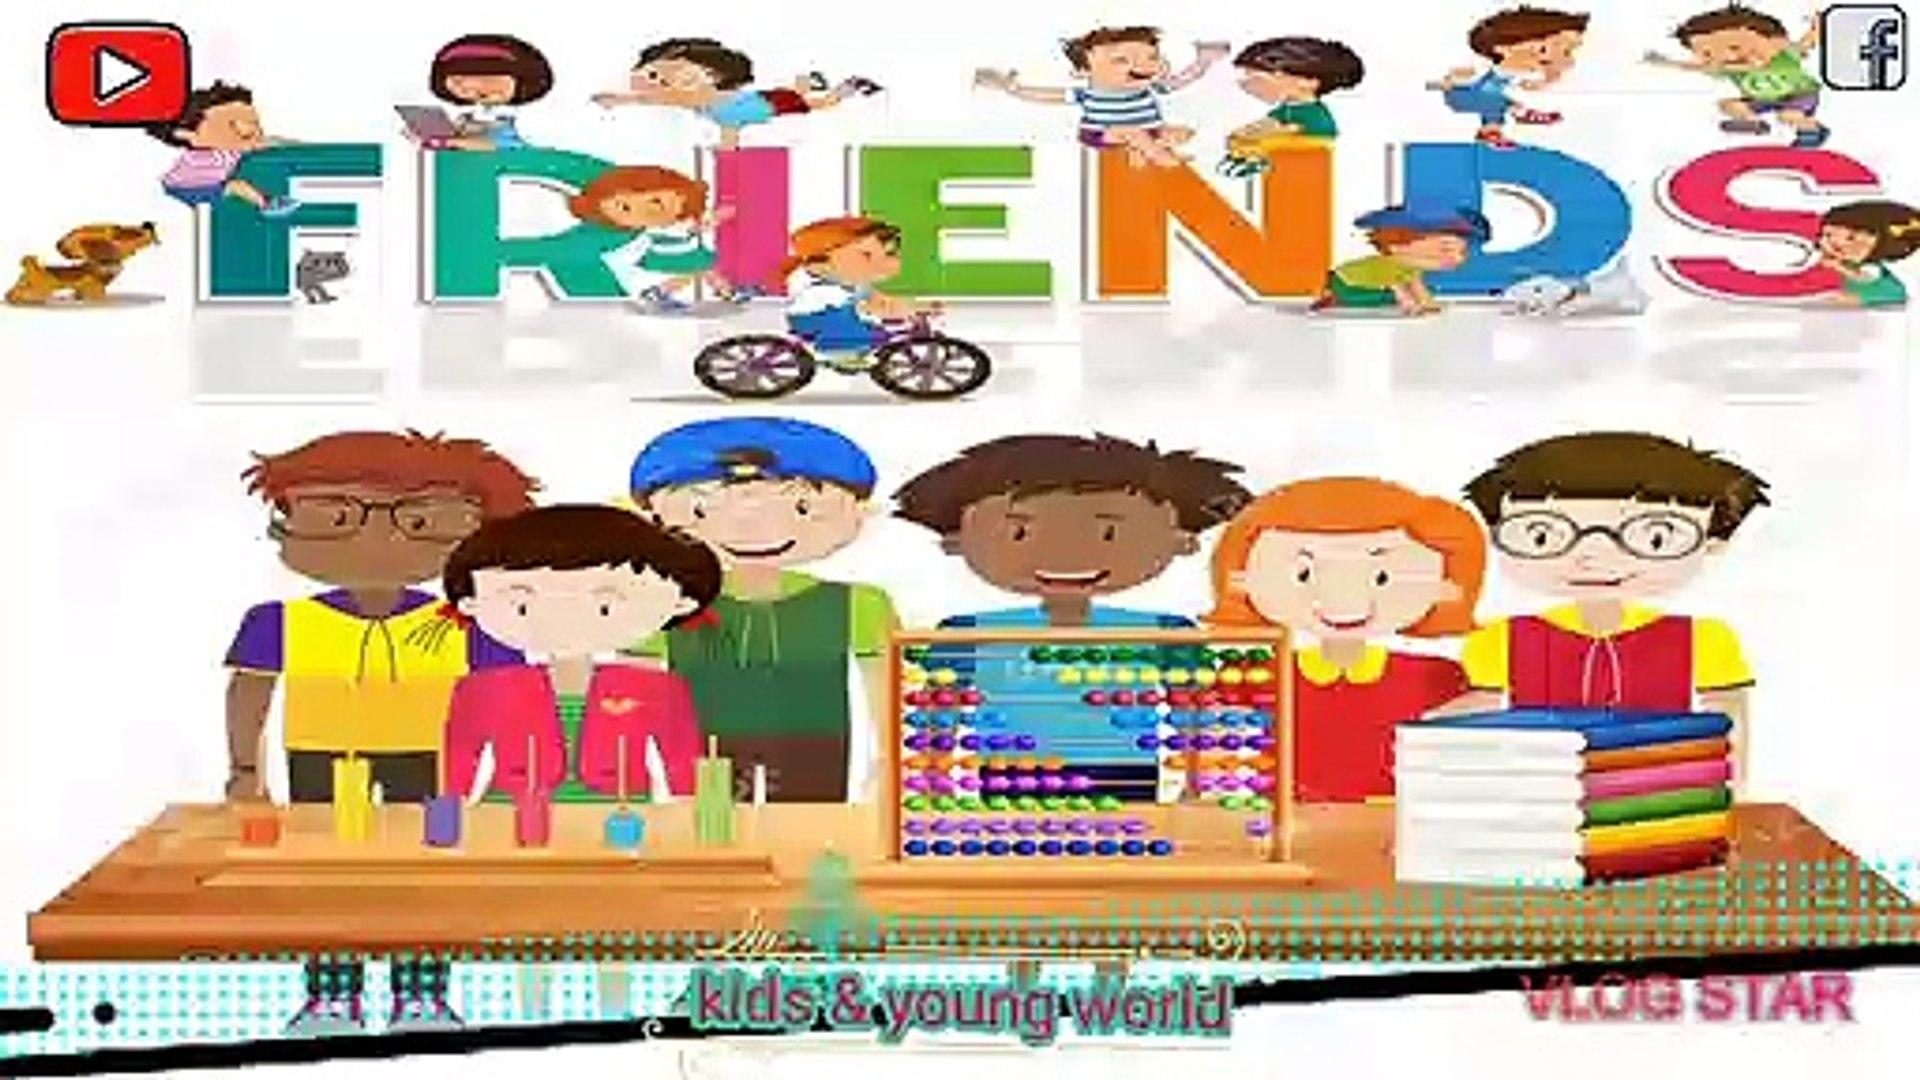 धर्म स्थल को साफ सुथरा रखो, knowledge to kids entertainment